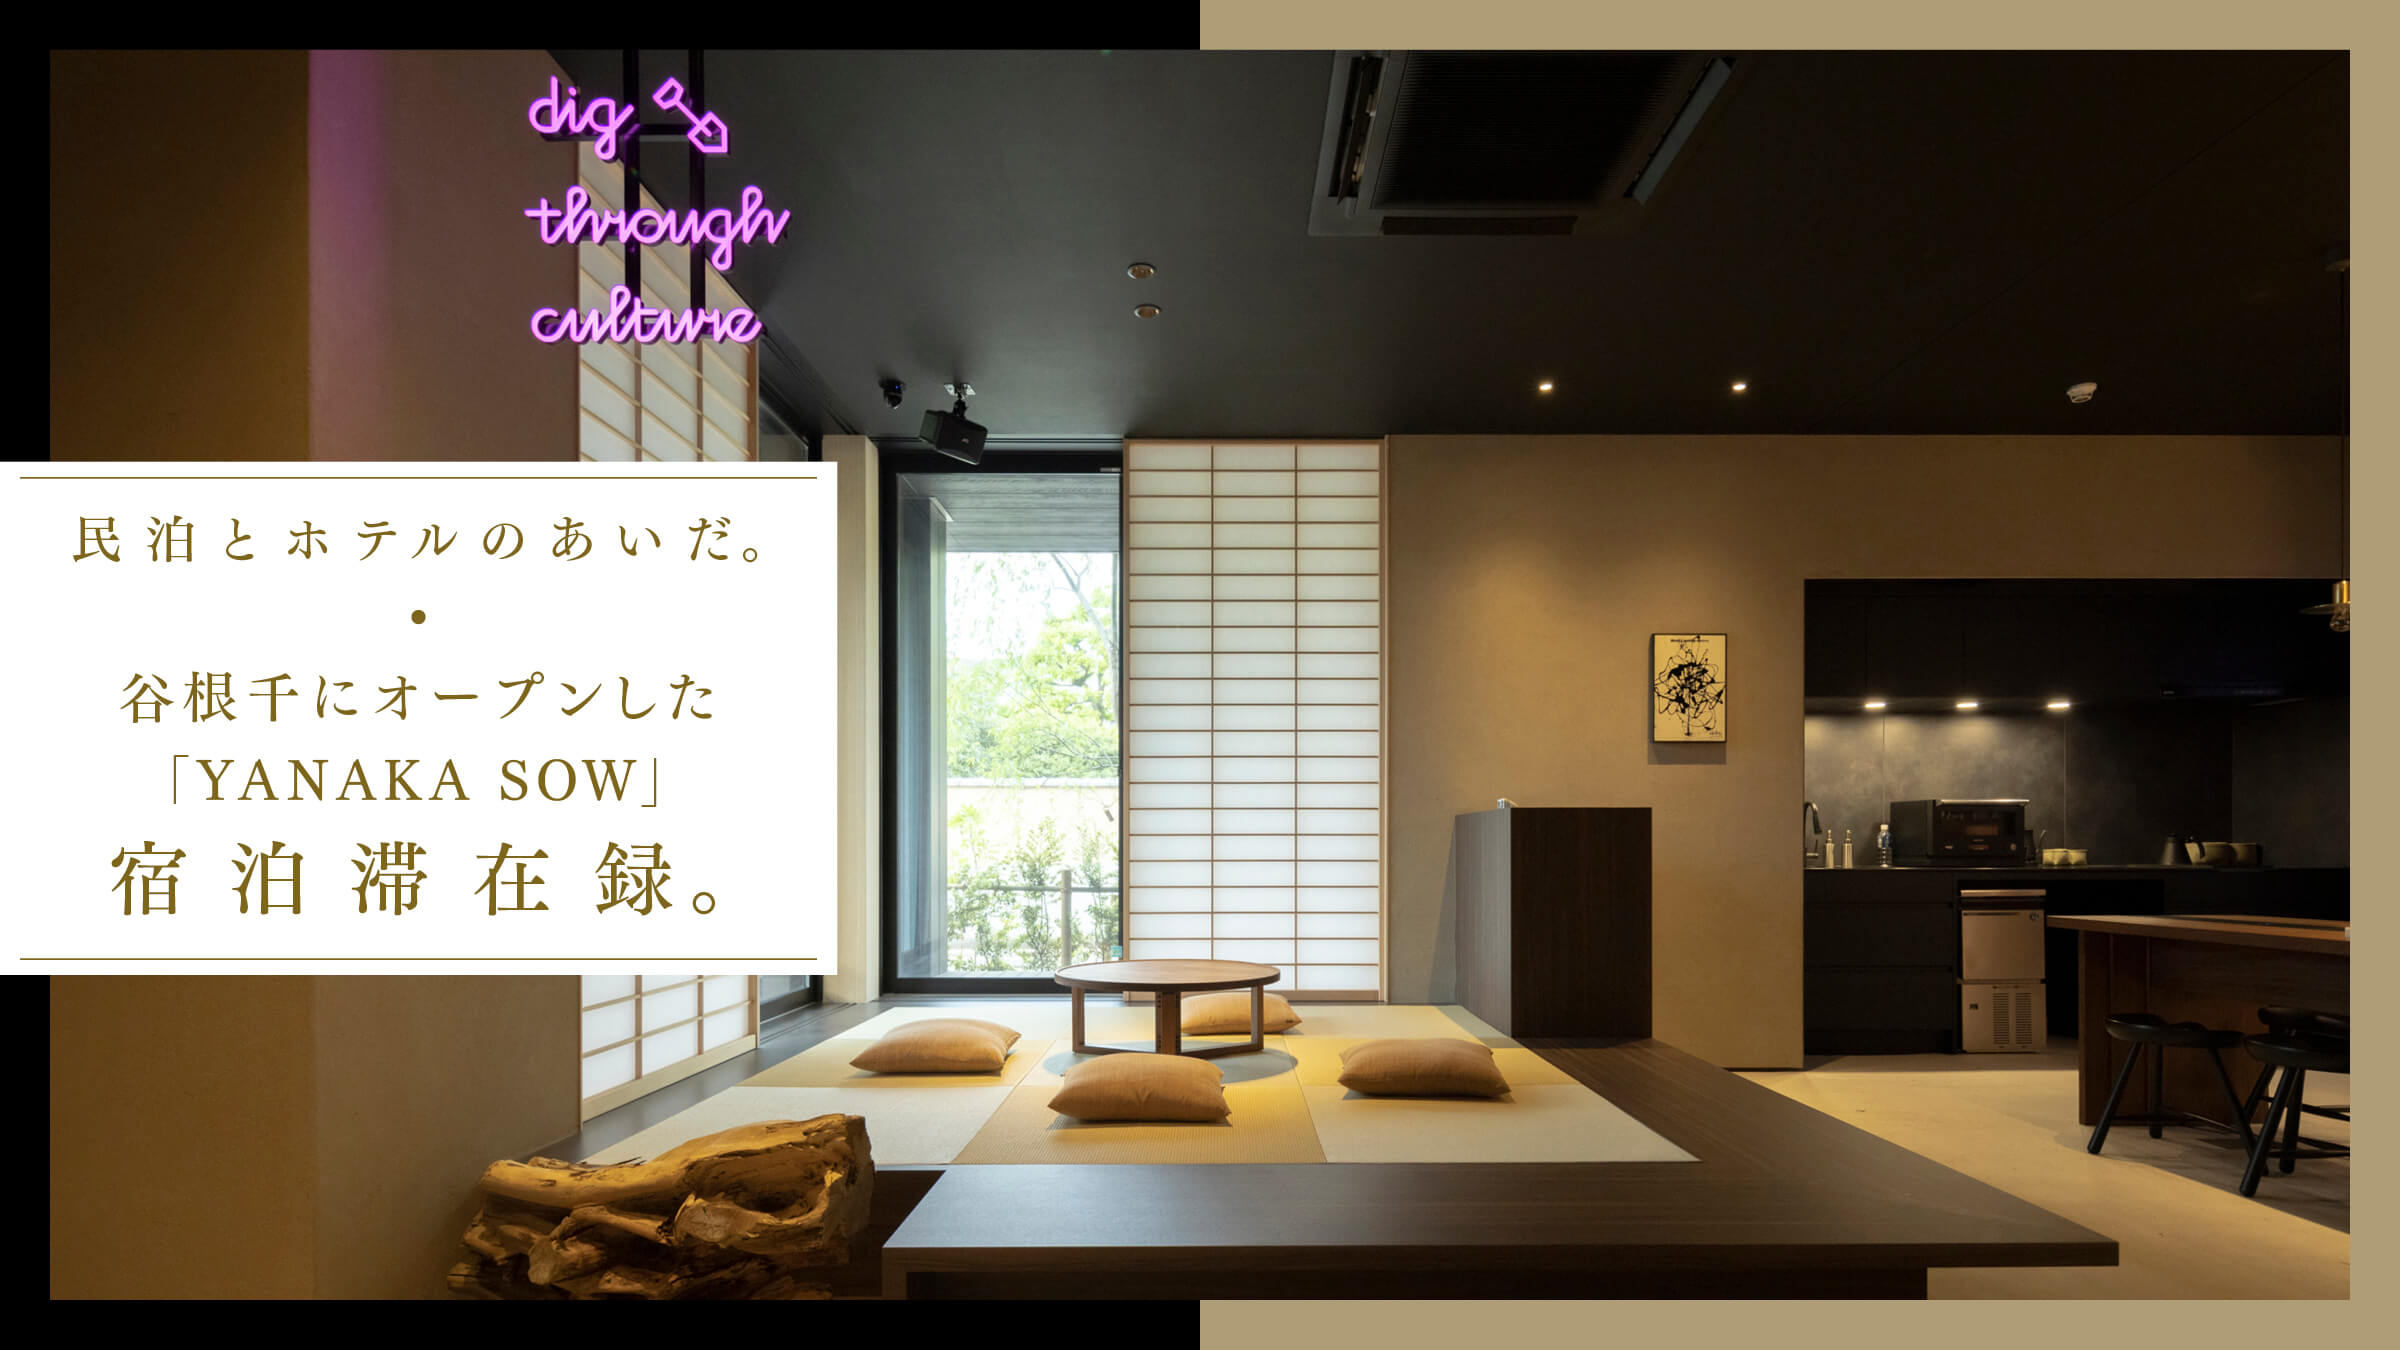 民泊とホテルのあいだ。 谷根千にオープンしたYANAKA SOW宿泊滞在録。